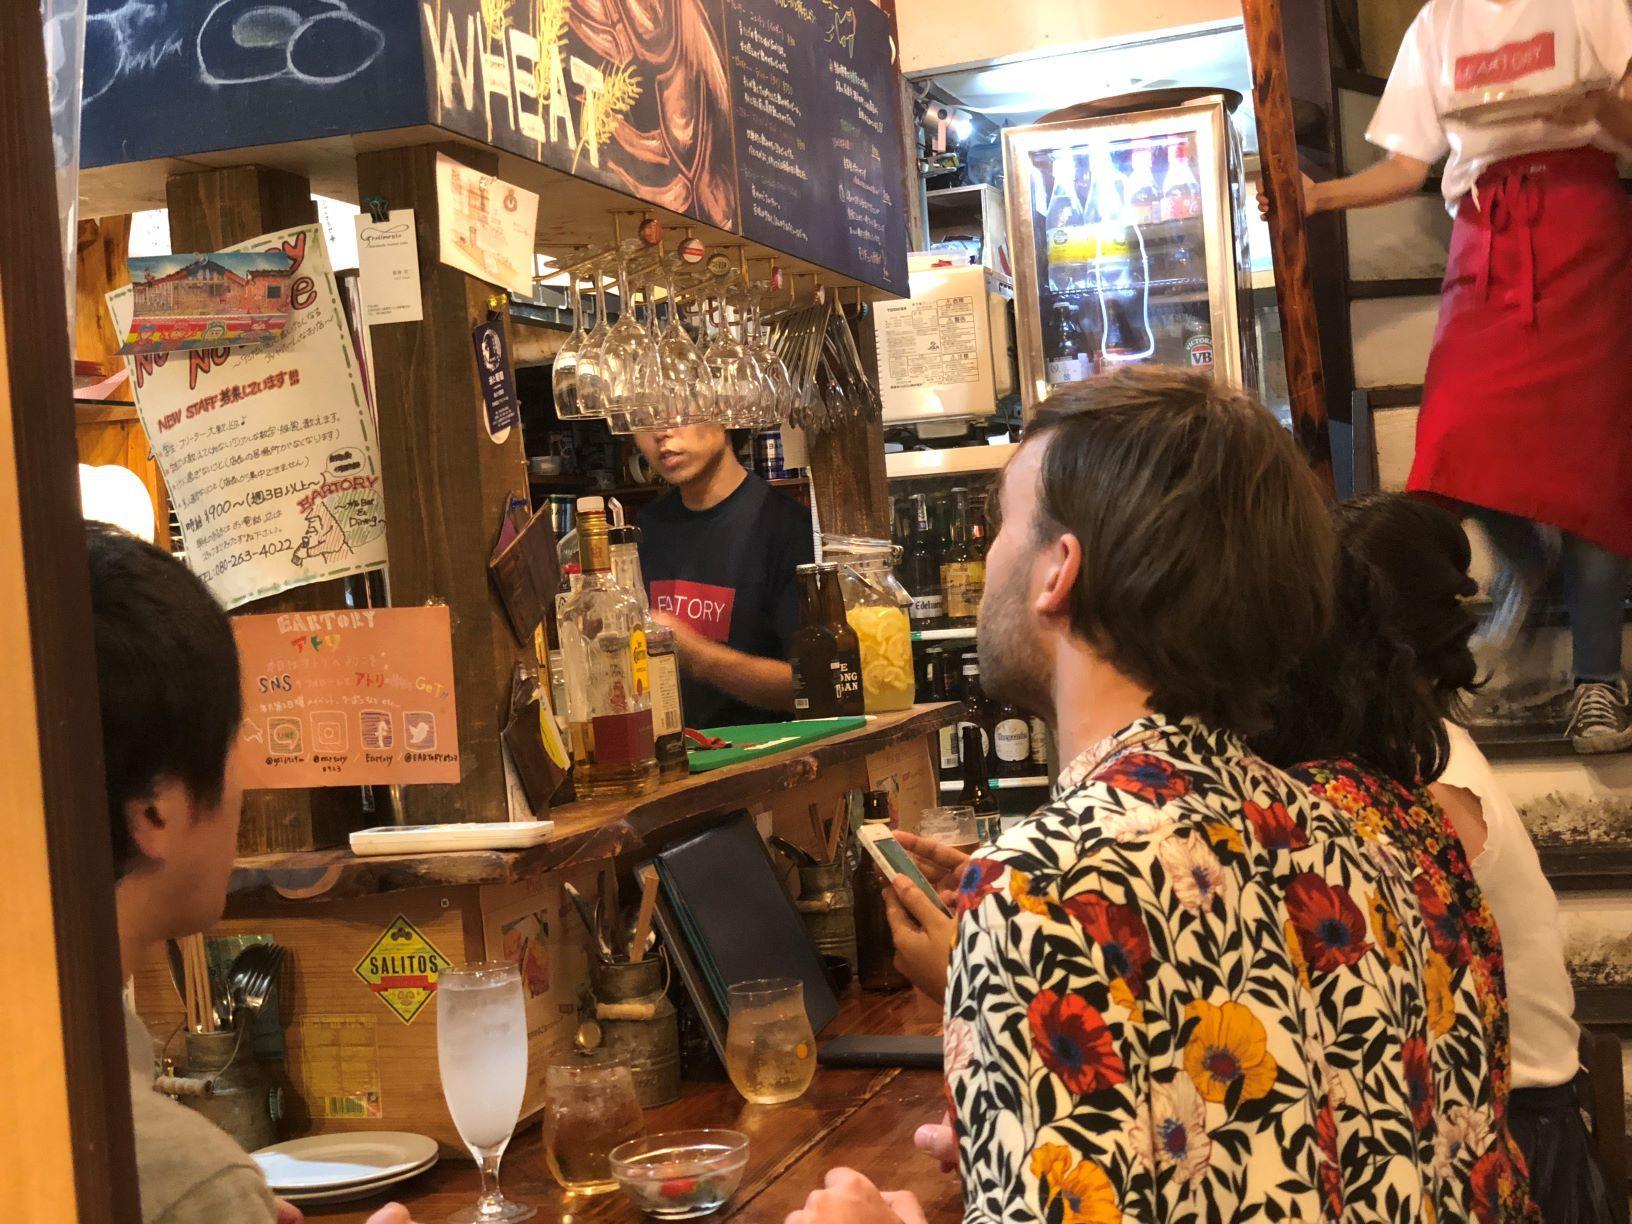 """【広島・エキニシ】街歩きとはしご酒がセットで楽しめる""""まちのみ""""プラン-Machi NOMI‼-【広島・エキニシ】街歩きとはしご酒がセットで楽しめる""""まちのみ""""プラン-Machi NOMI‼-"""